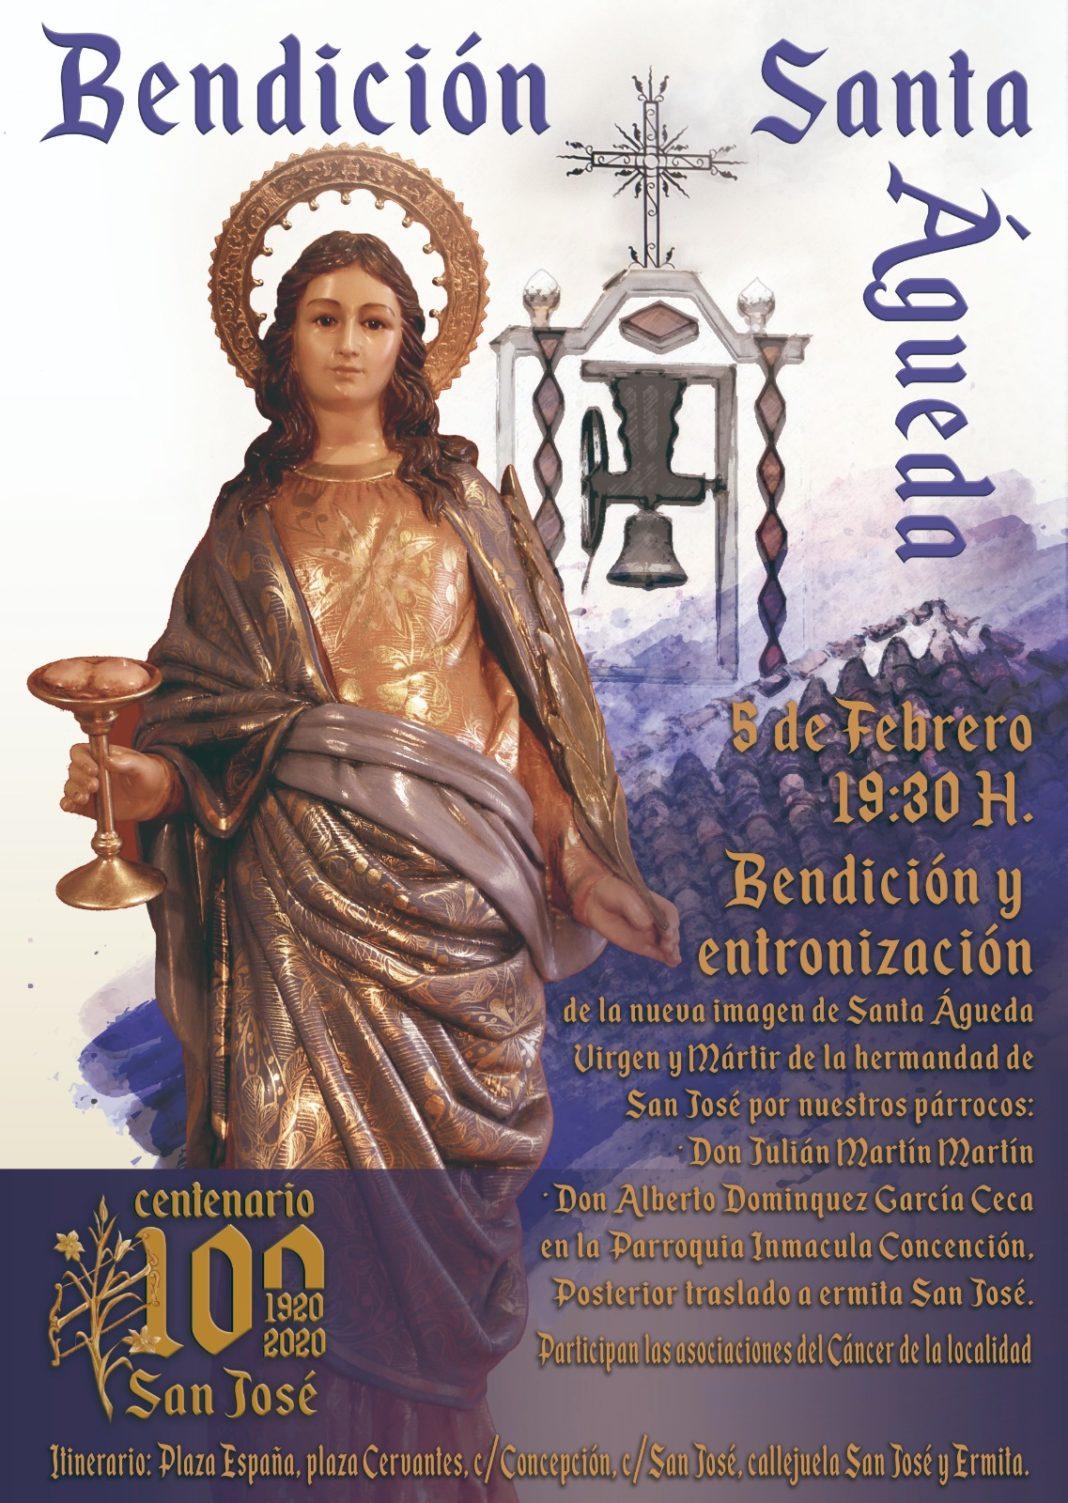 Bendición de la nueva imagen de Santa Águeda 1068x1503 - Bendición y entronización de la nueva imagen de Santa Águeda